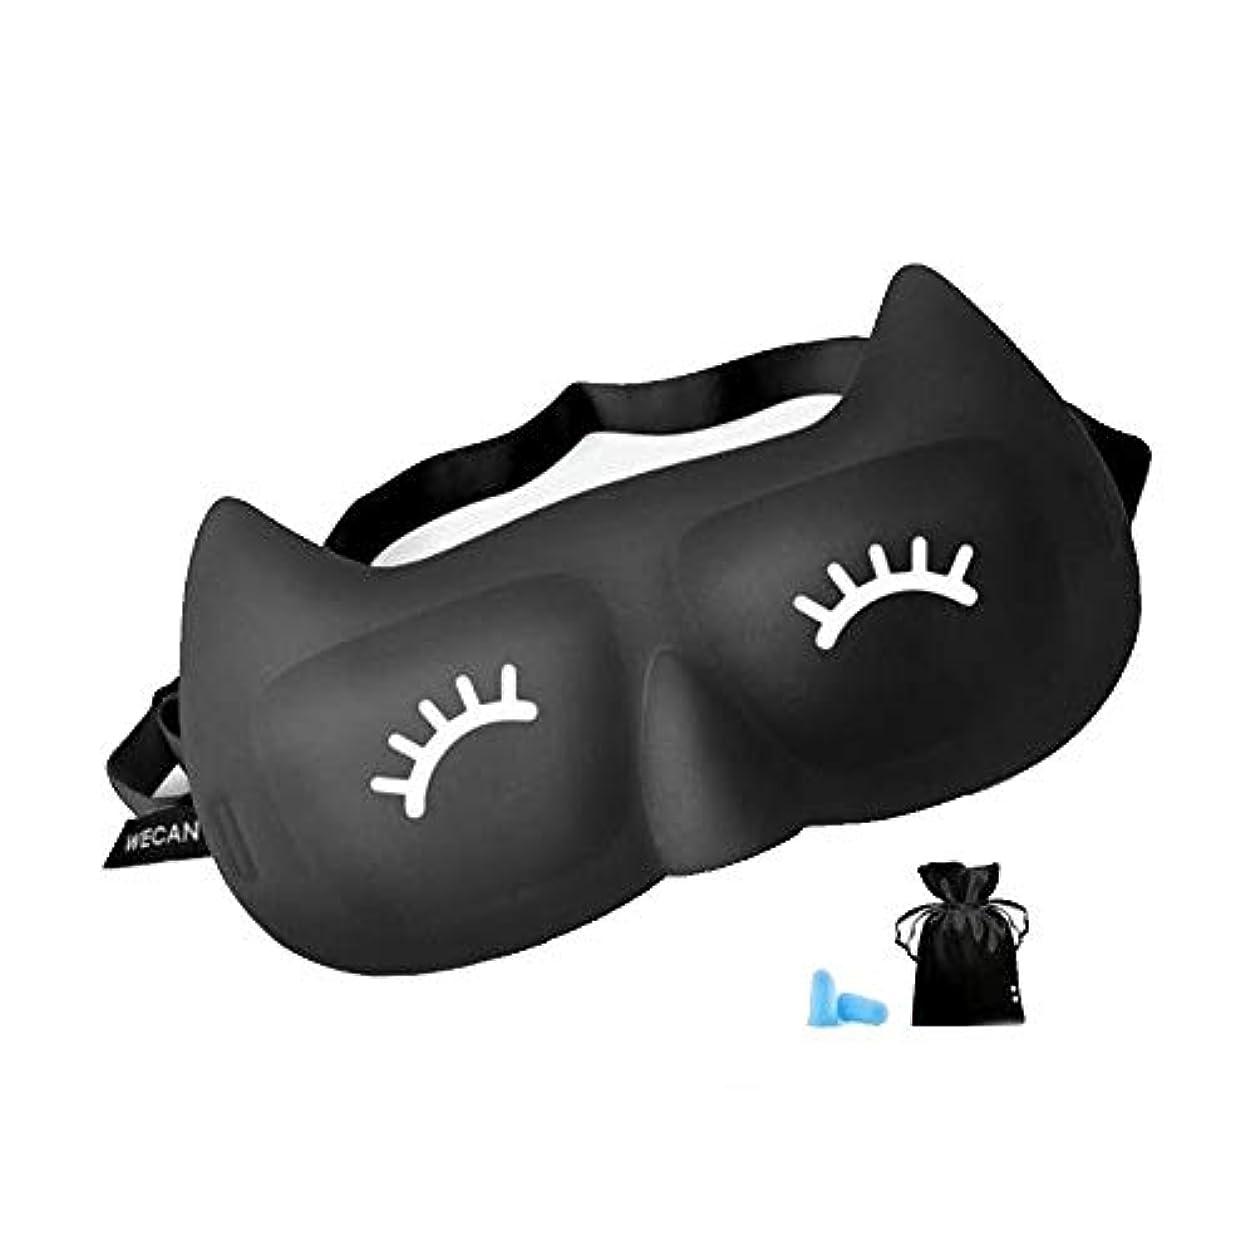 ストレージ作詞家平均HUICHEN 3Dゴーグルゴーグルゴーグル耳栓騒音防止睡眠睡眠睡眠停電ゴーグルの男性と女性の通気性の夏の快適カバーキュートな3次元ゴーグルゴーグル (Color : F)